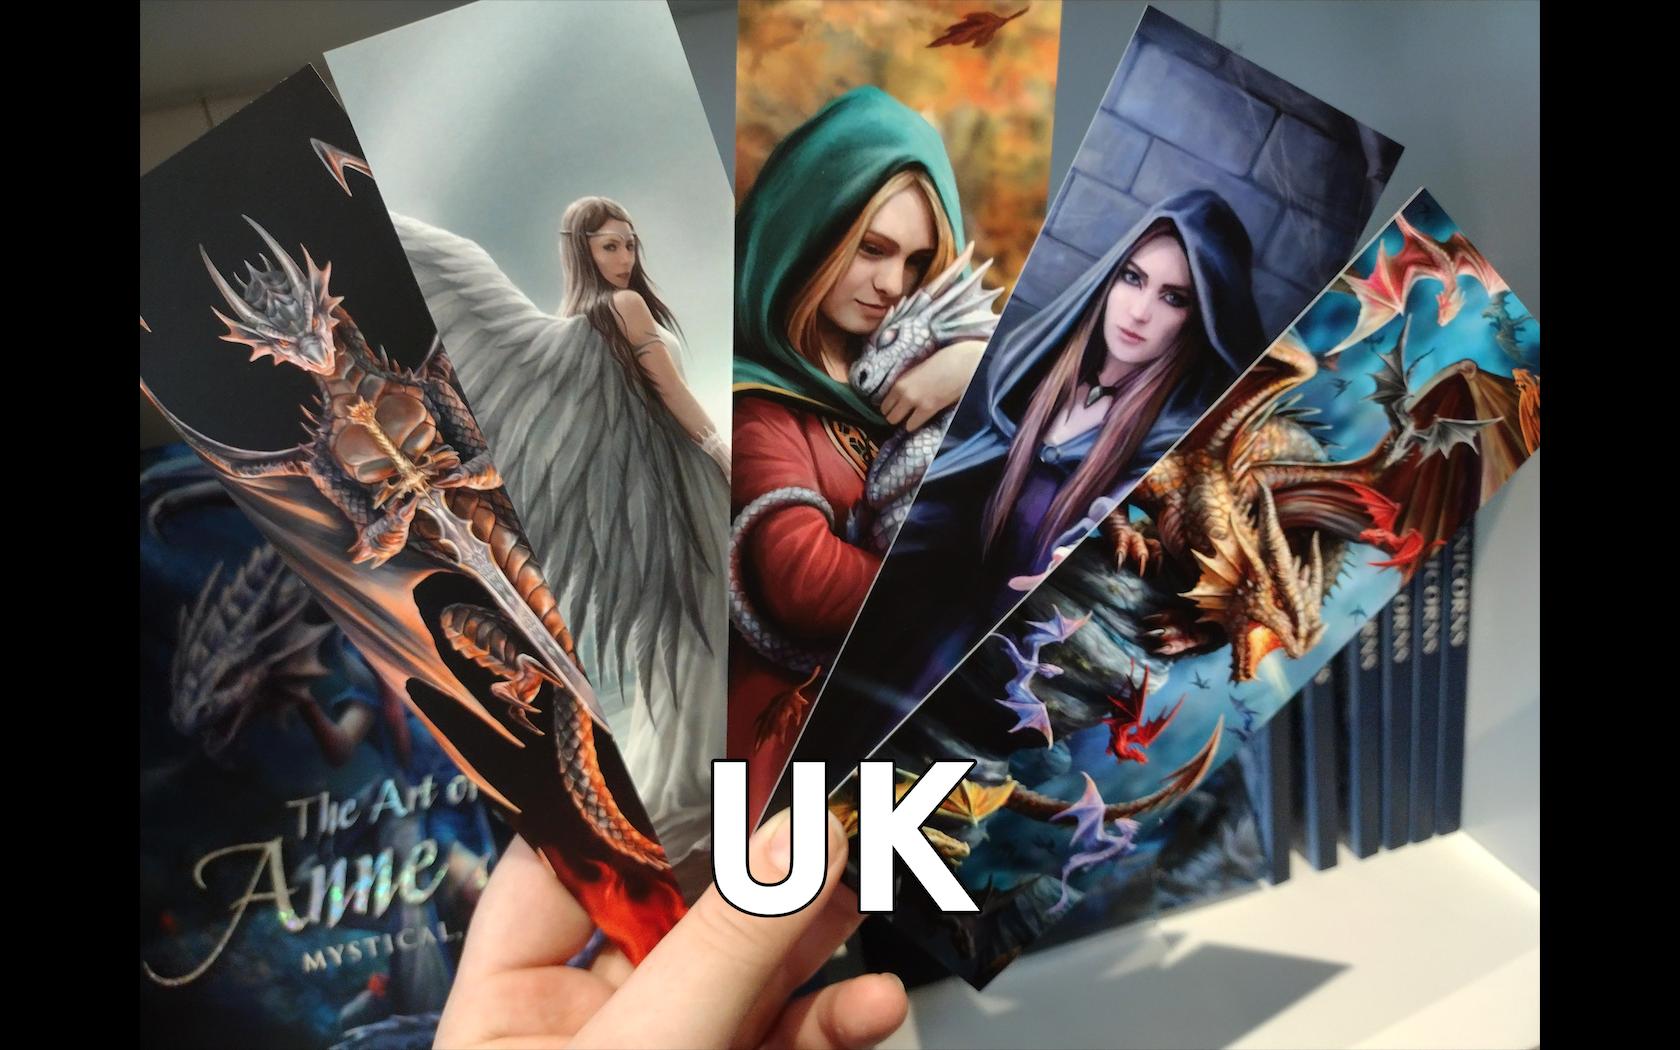 Nathan's Bookmarks (UK)